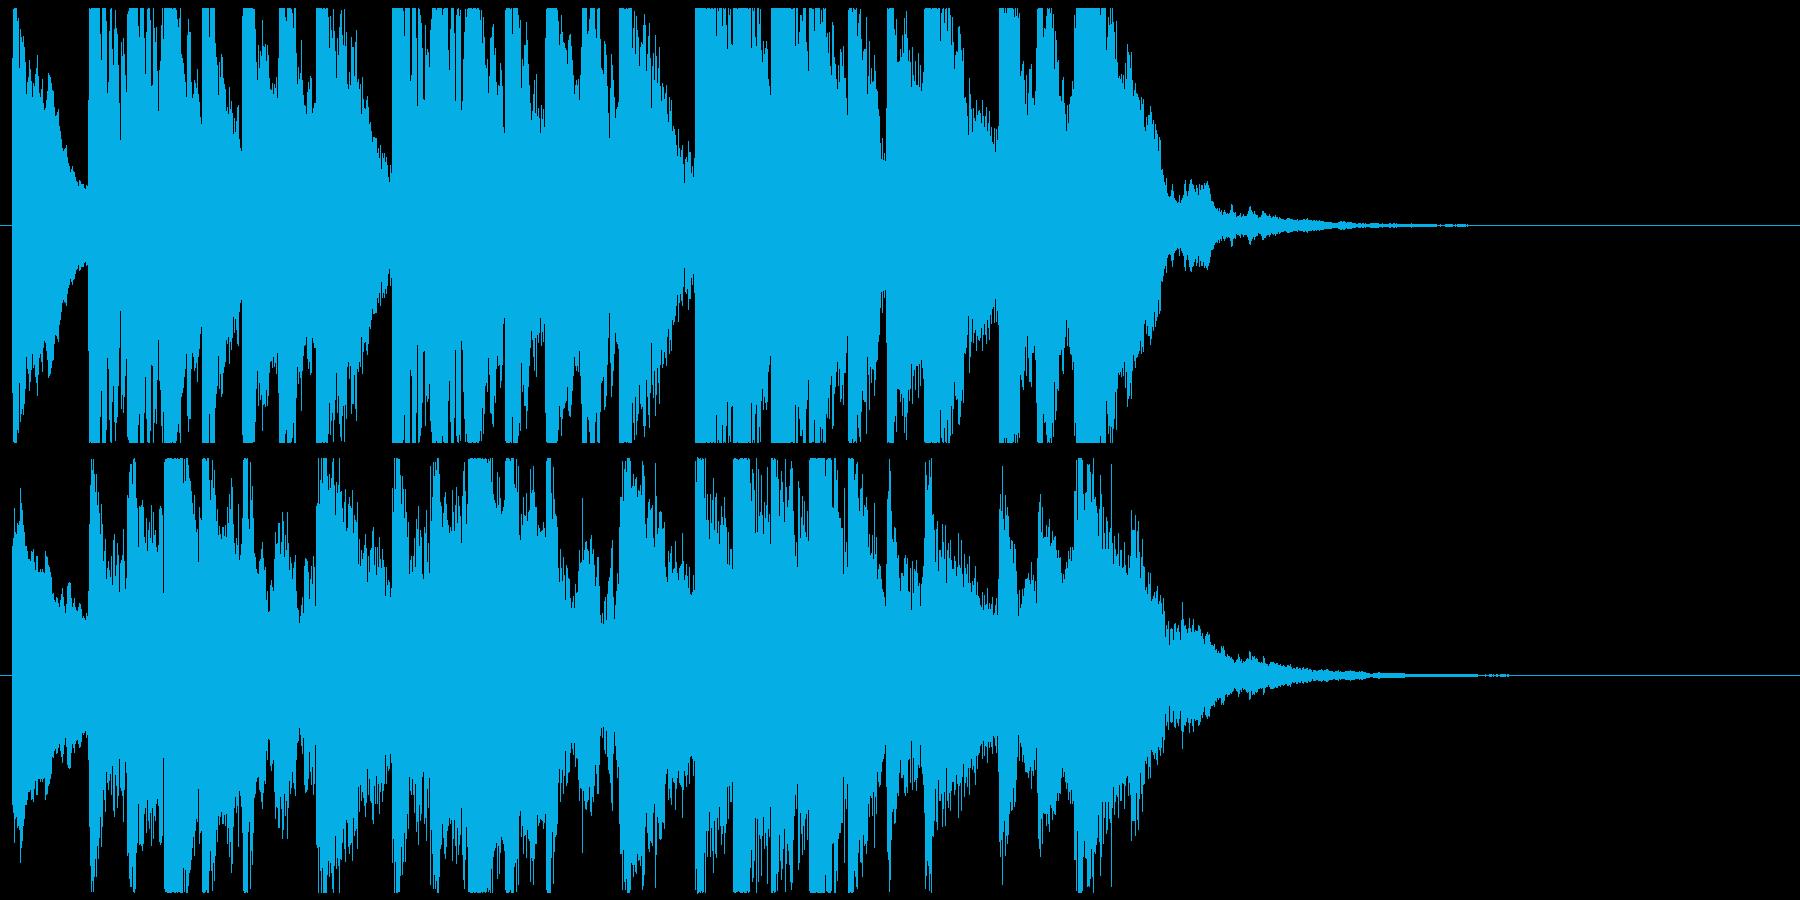 怪しい箏(琴)のジングルAの再生済みの波形